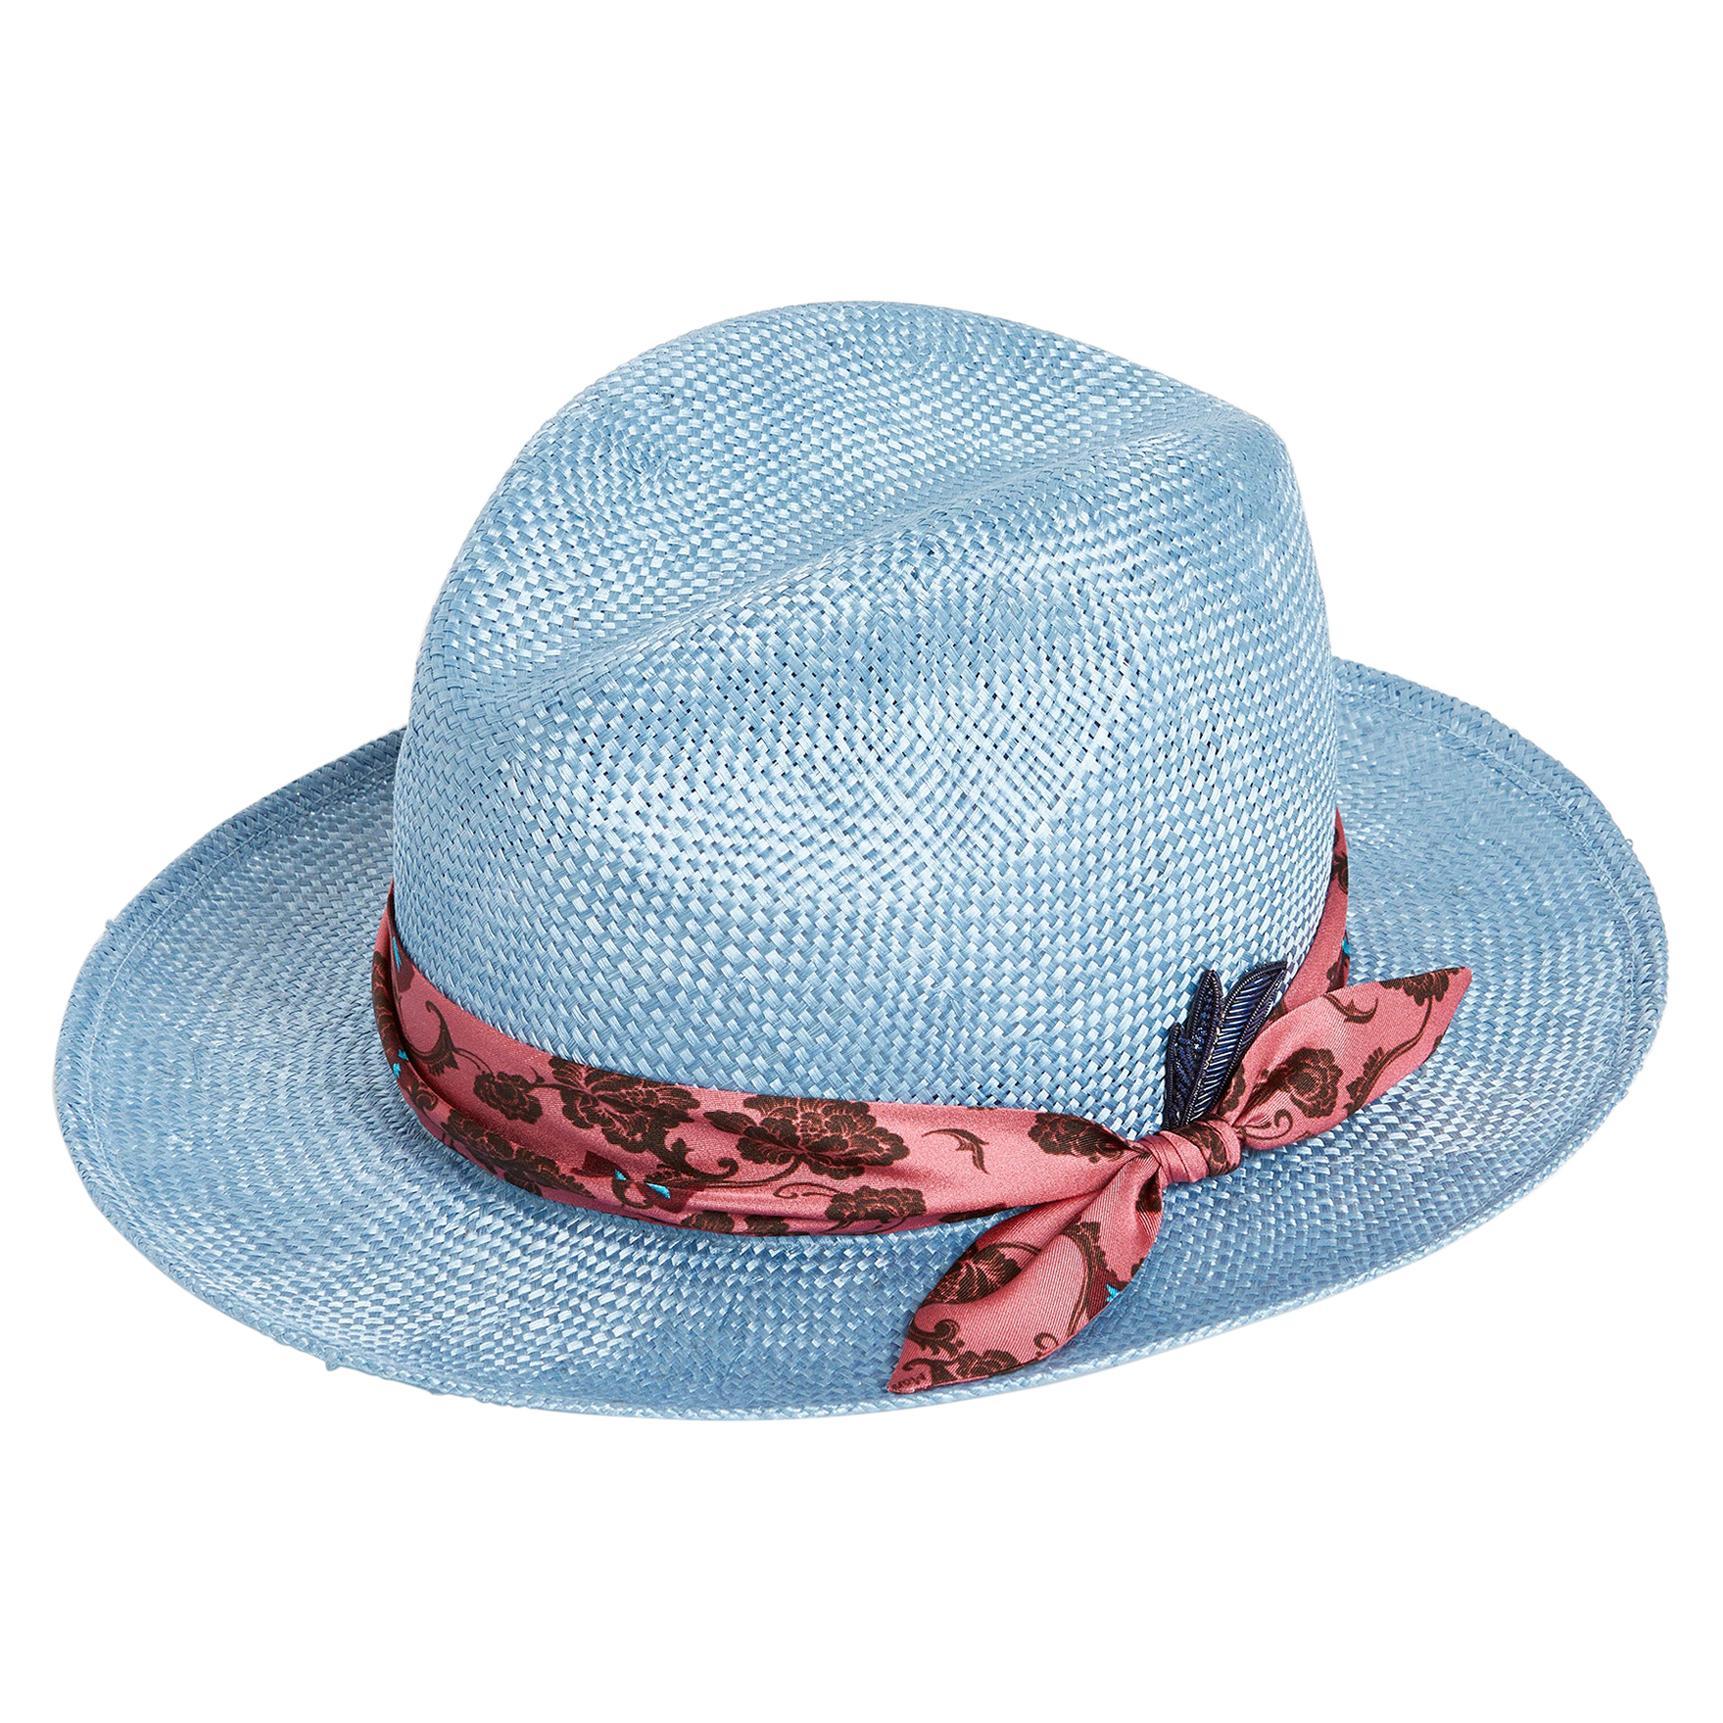 Light blue embellished handmade hat NWOT